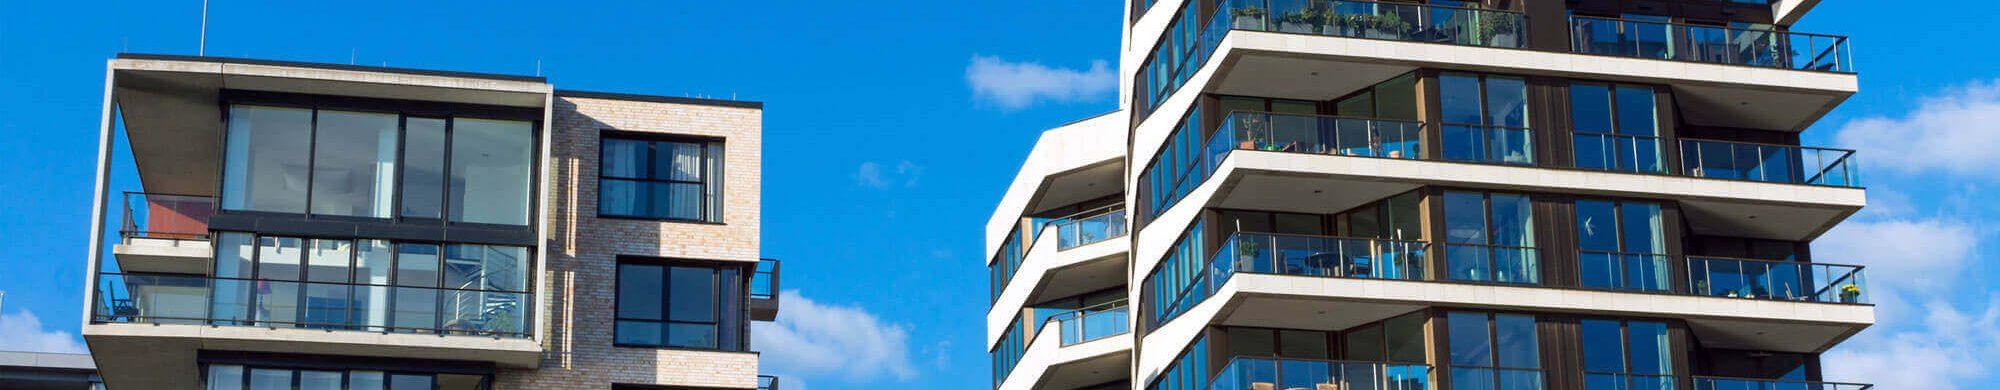 Immobilien Knipfer Immobilienmakler Augsburg